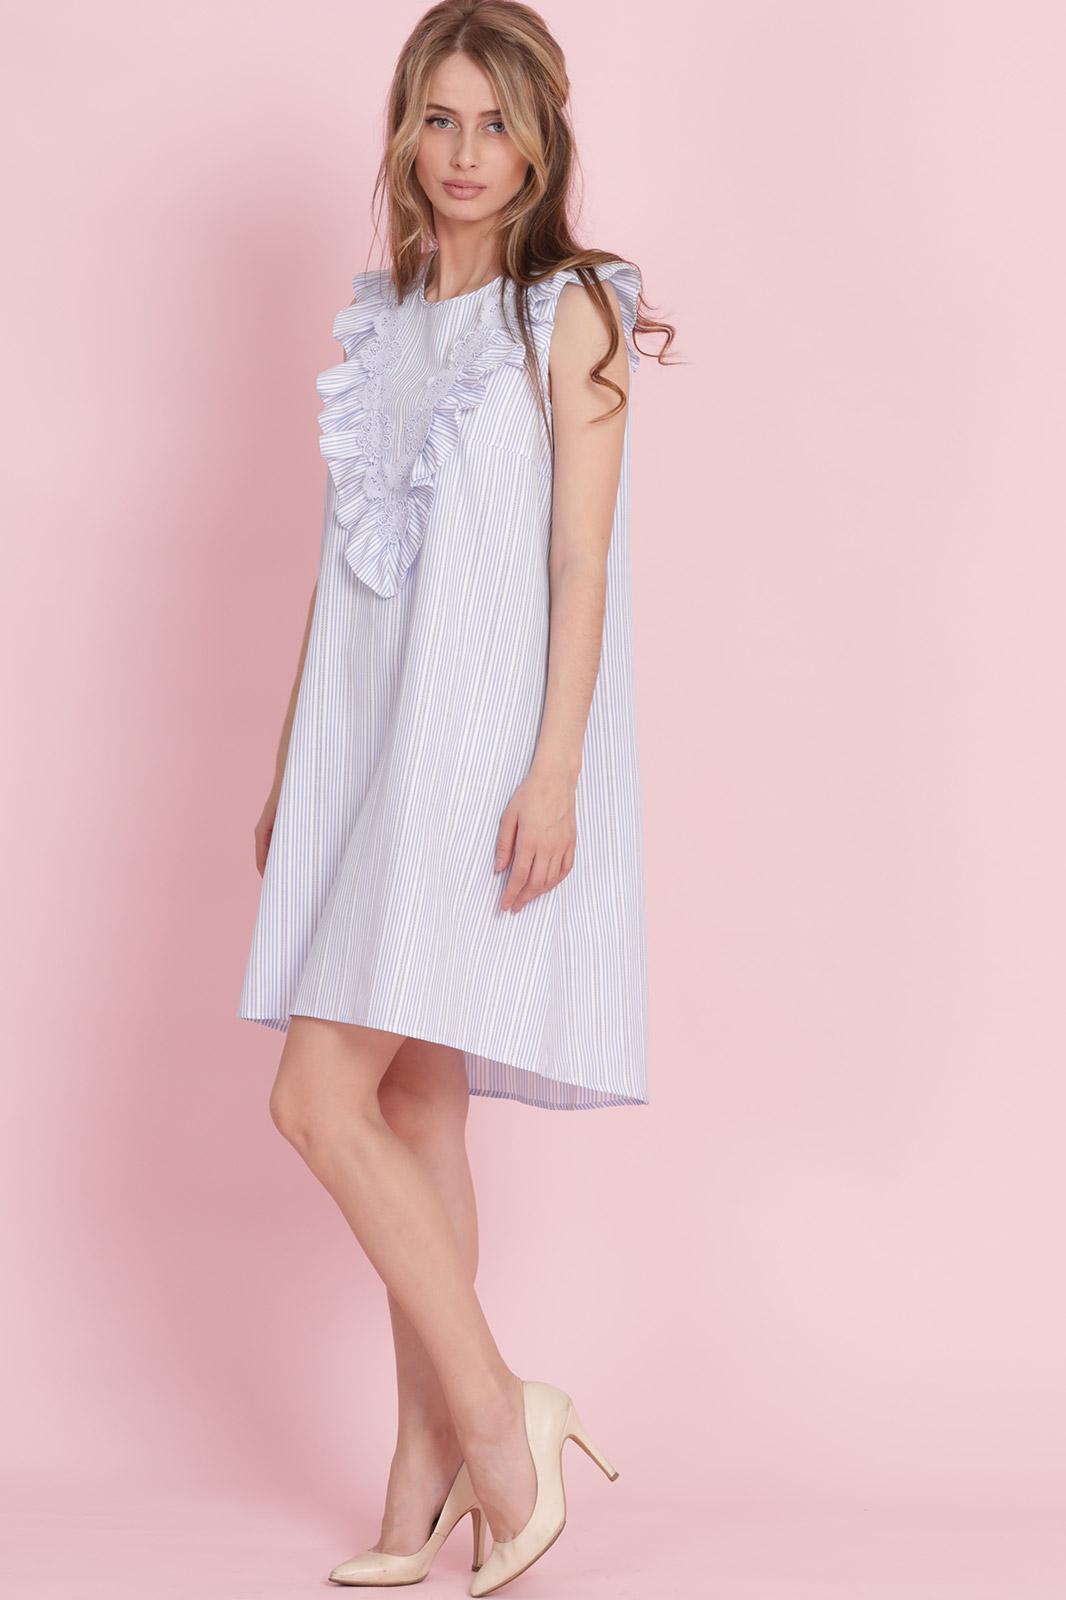 Купить Платье Edibor, 1082 голубой, Беларусь